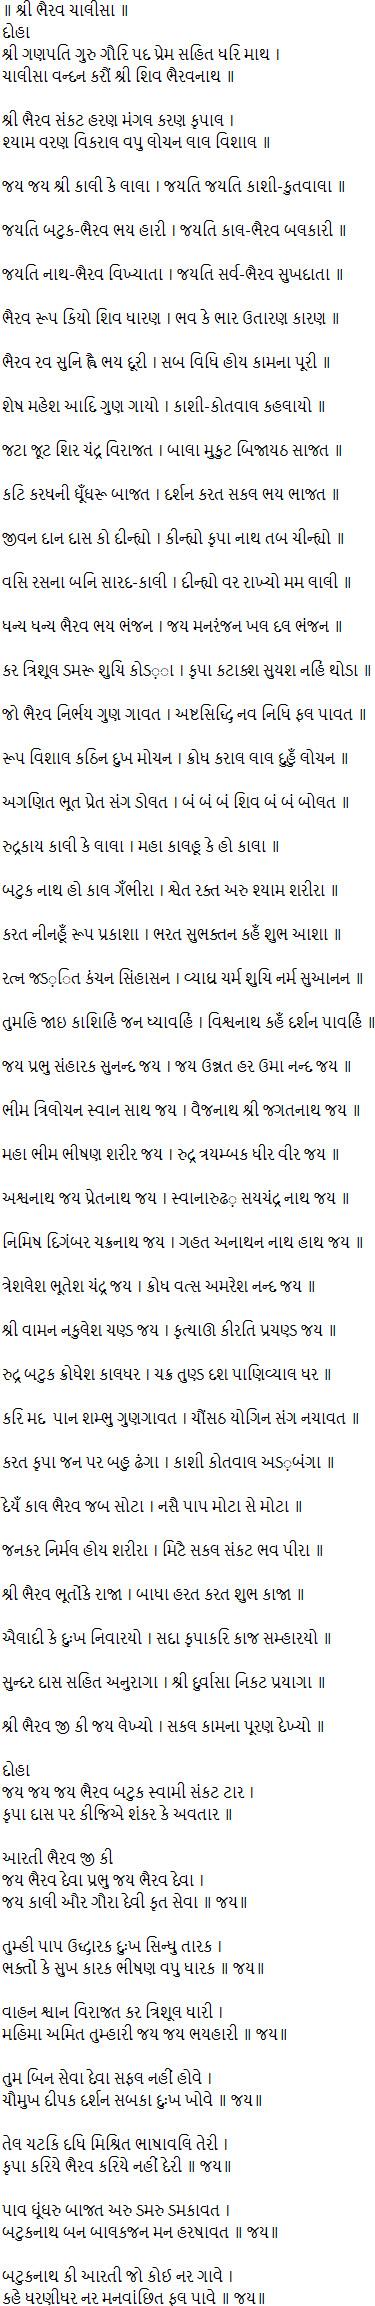 bhairava chalisa in gujarati batuk bhairav chalisa in hindi bhairav chalisa in hindi pdf download nakoda bhairav chalisa pdf bhairav chalisa pdf download bhairav chalisa benefits in hindi bhairav chalisa in hindi mp3 free download bhairav aarti pdf bhairav chalisa meaning bhairav aarti bhairav chalisa benefits bhairav chalisa audio bhairav aarti in hindi pdf kal bhairav chalisa lyrics bhairav 108 names bhairav chalisa indif